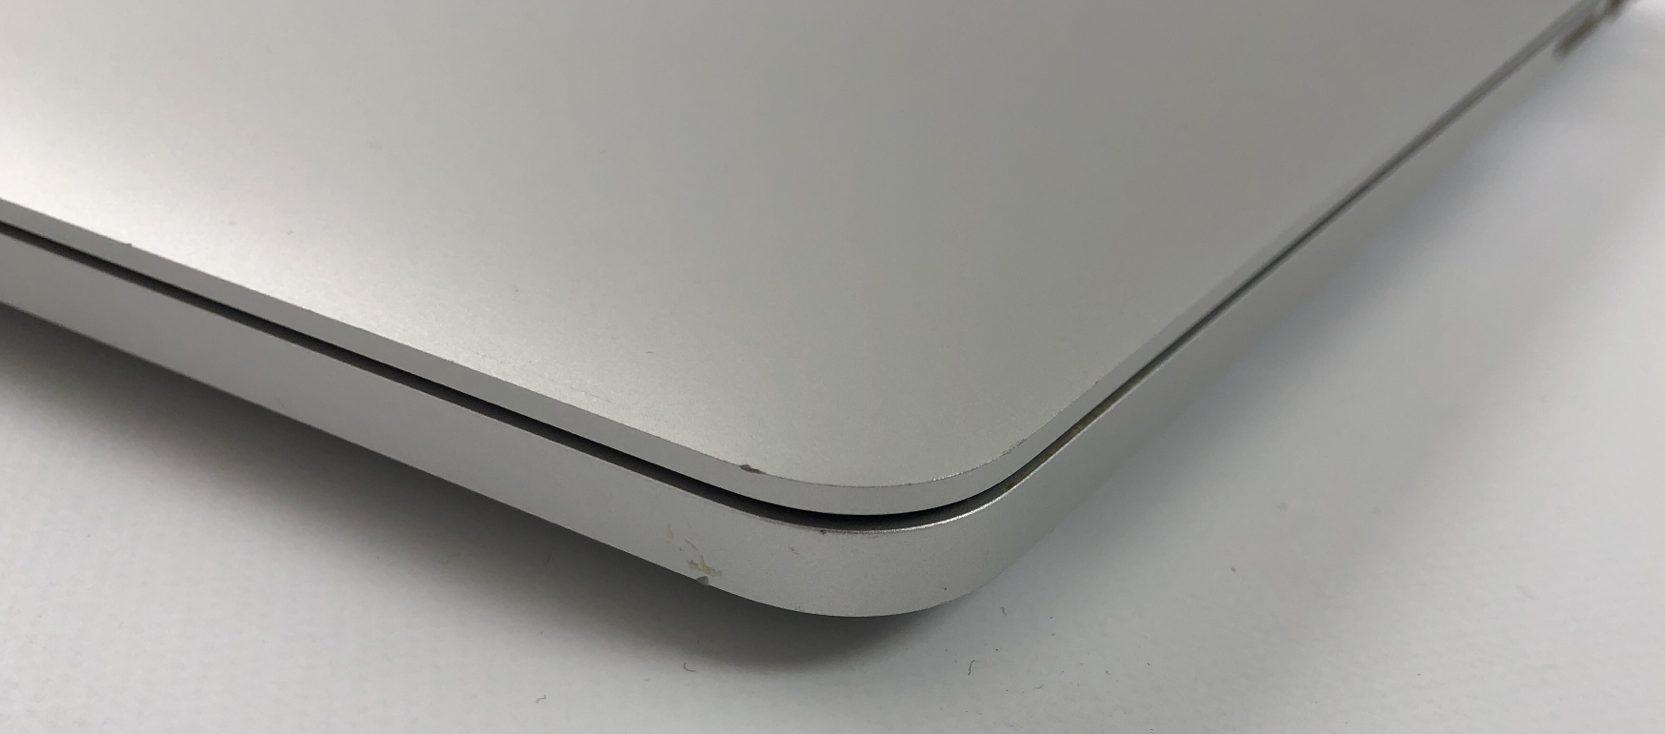 """MacBook Pro Retina 15"""" Mid 2014 (Intel Quad-Core i7 2.5 GHz 16 GB RAM 512 GB SSD), Intel Quad-Core i7 2.5 GHz, 16 GB RAM, 512 GB SSD, image 4"""